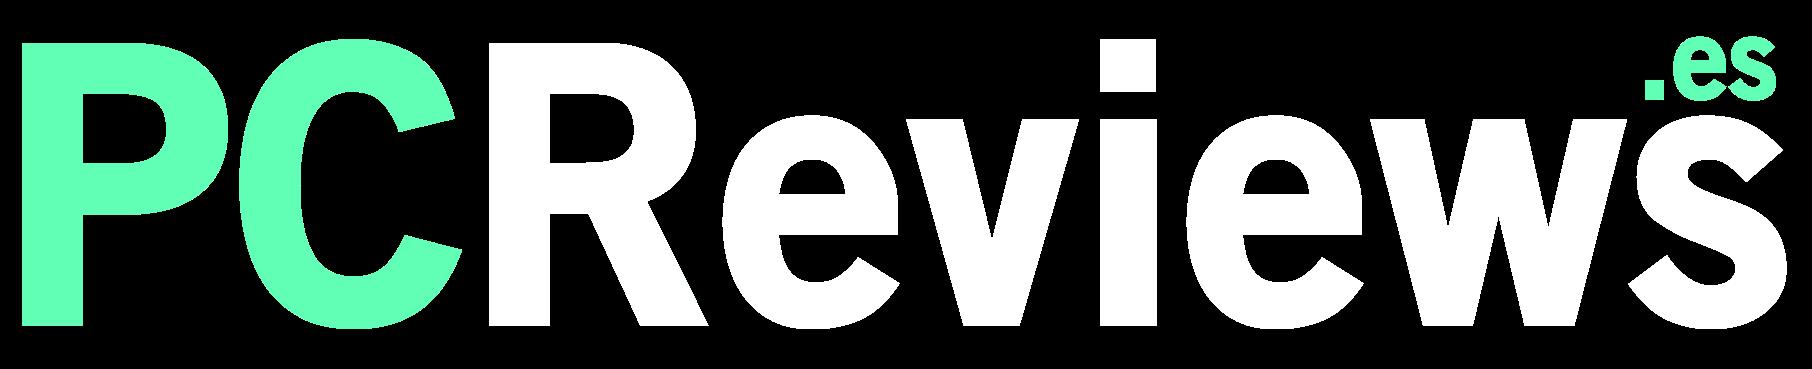 PCReviews.es | Análisis de productos tecnológicos